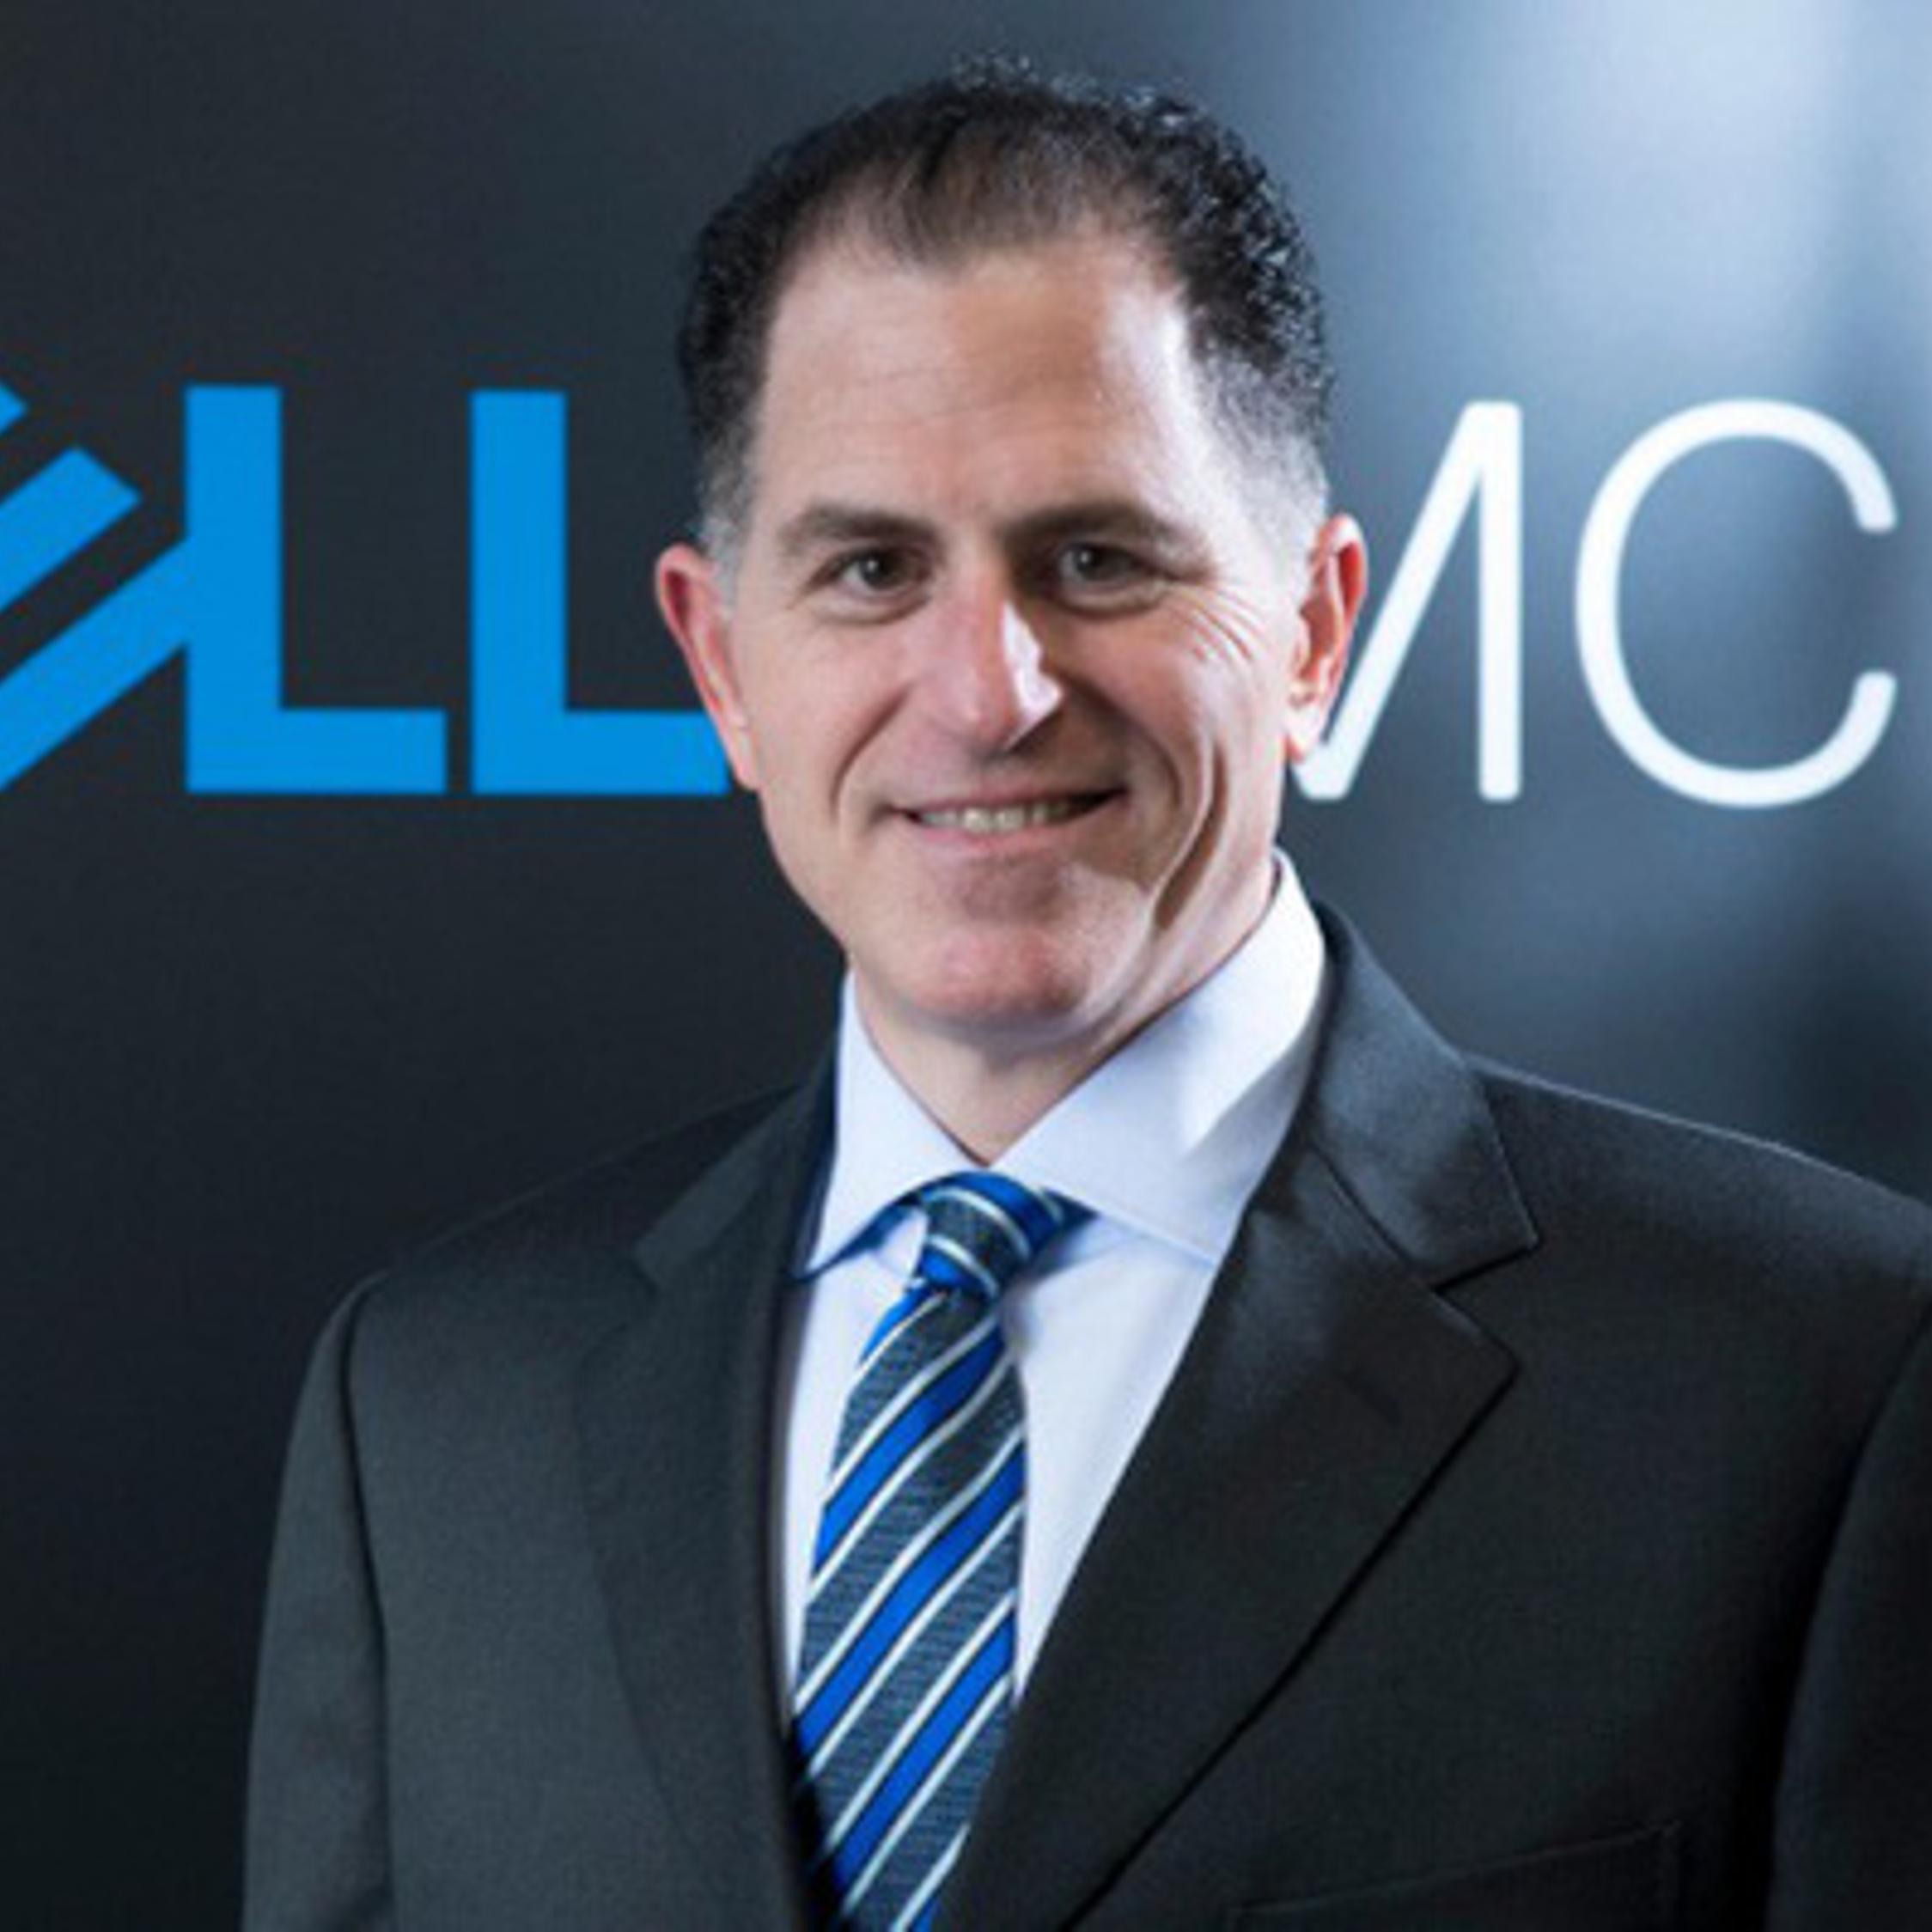 Mr. Michael Dell